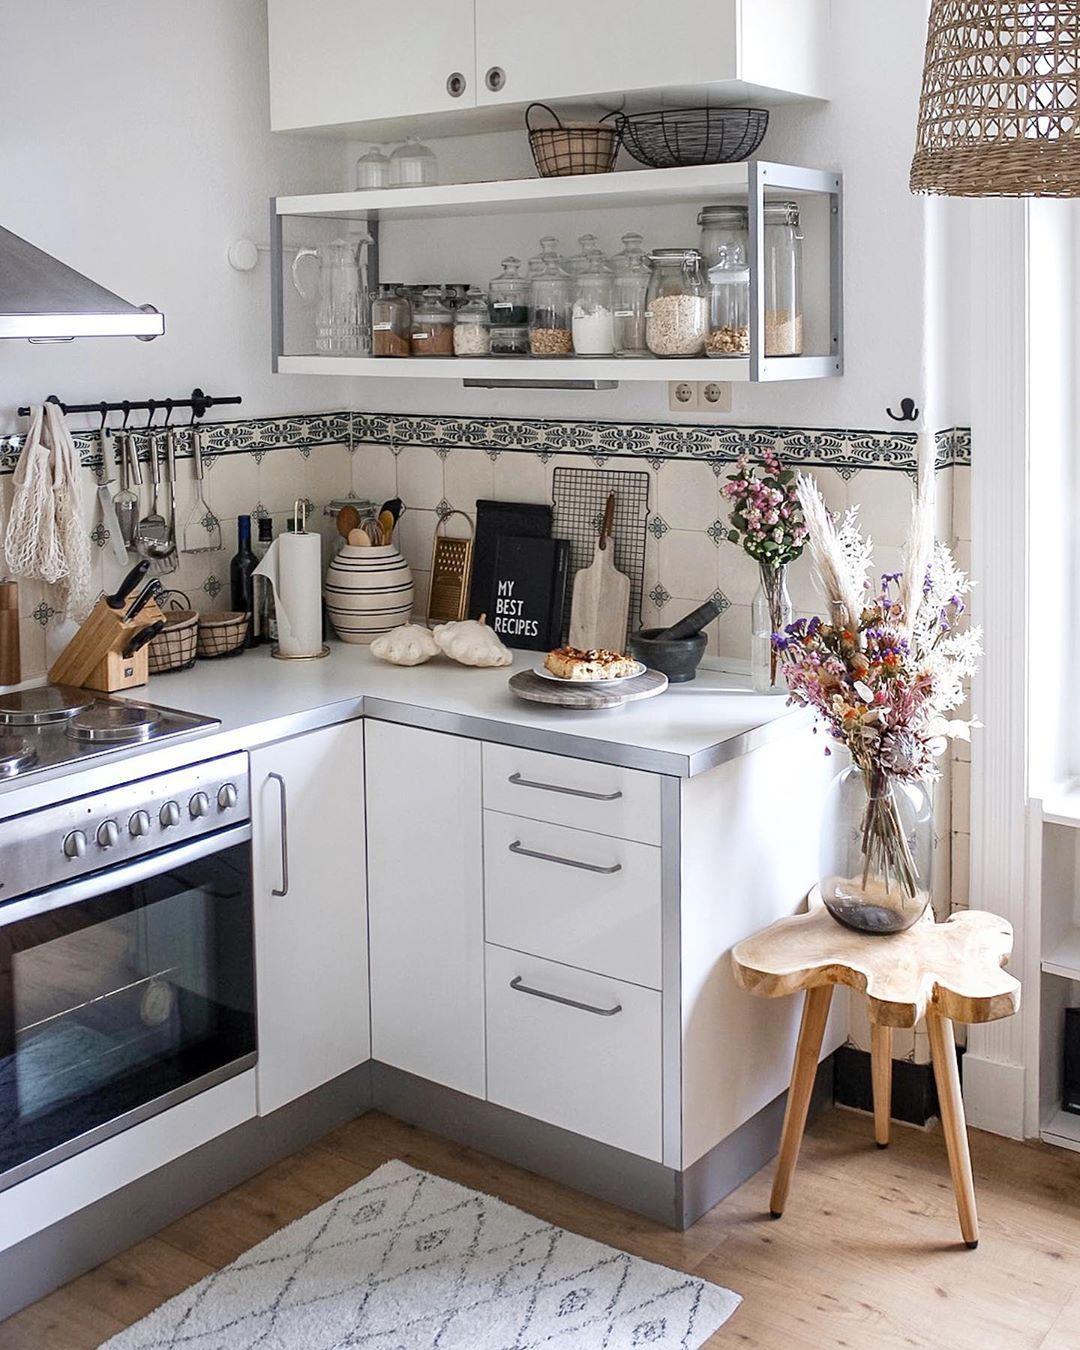 Full Size of Kisten Küche Aufbewahrung Küche Aufbewahrung Kunststoff Küche Aufbewahrung Wand Küche Aufbewahrung Ideen Küche Küche Aufbewahrung